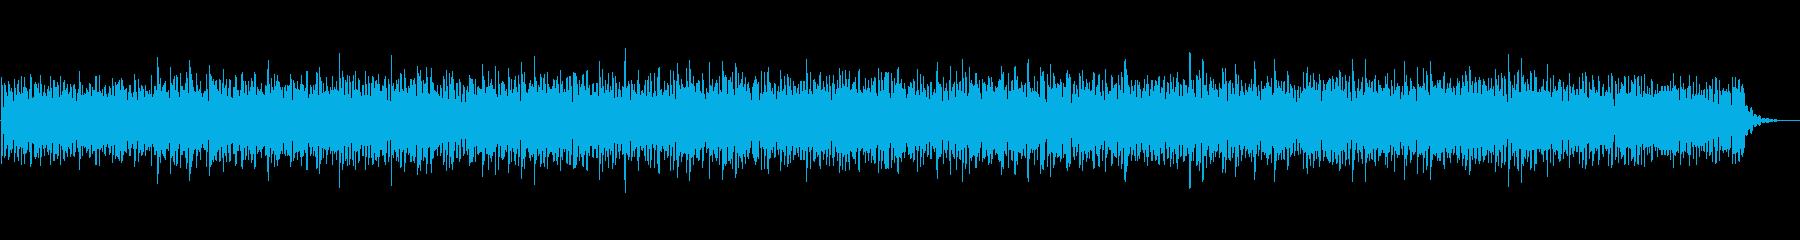 睡眠用に作った癒しの曲です。の再生済みの波形